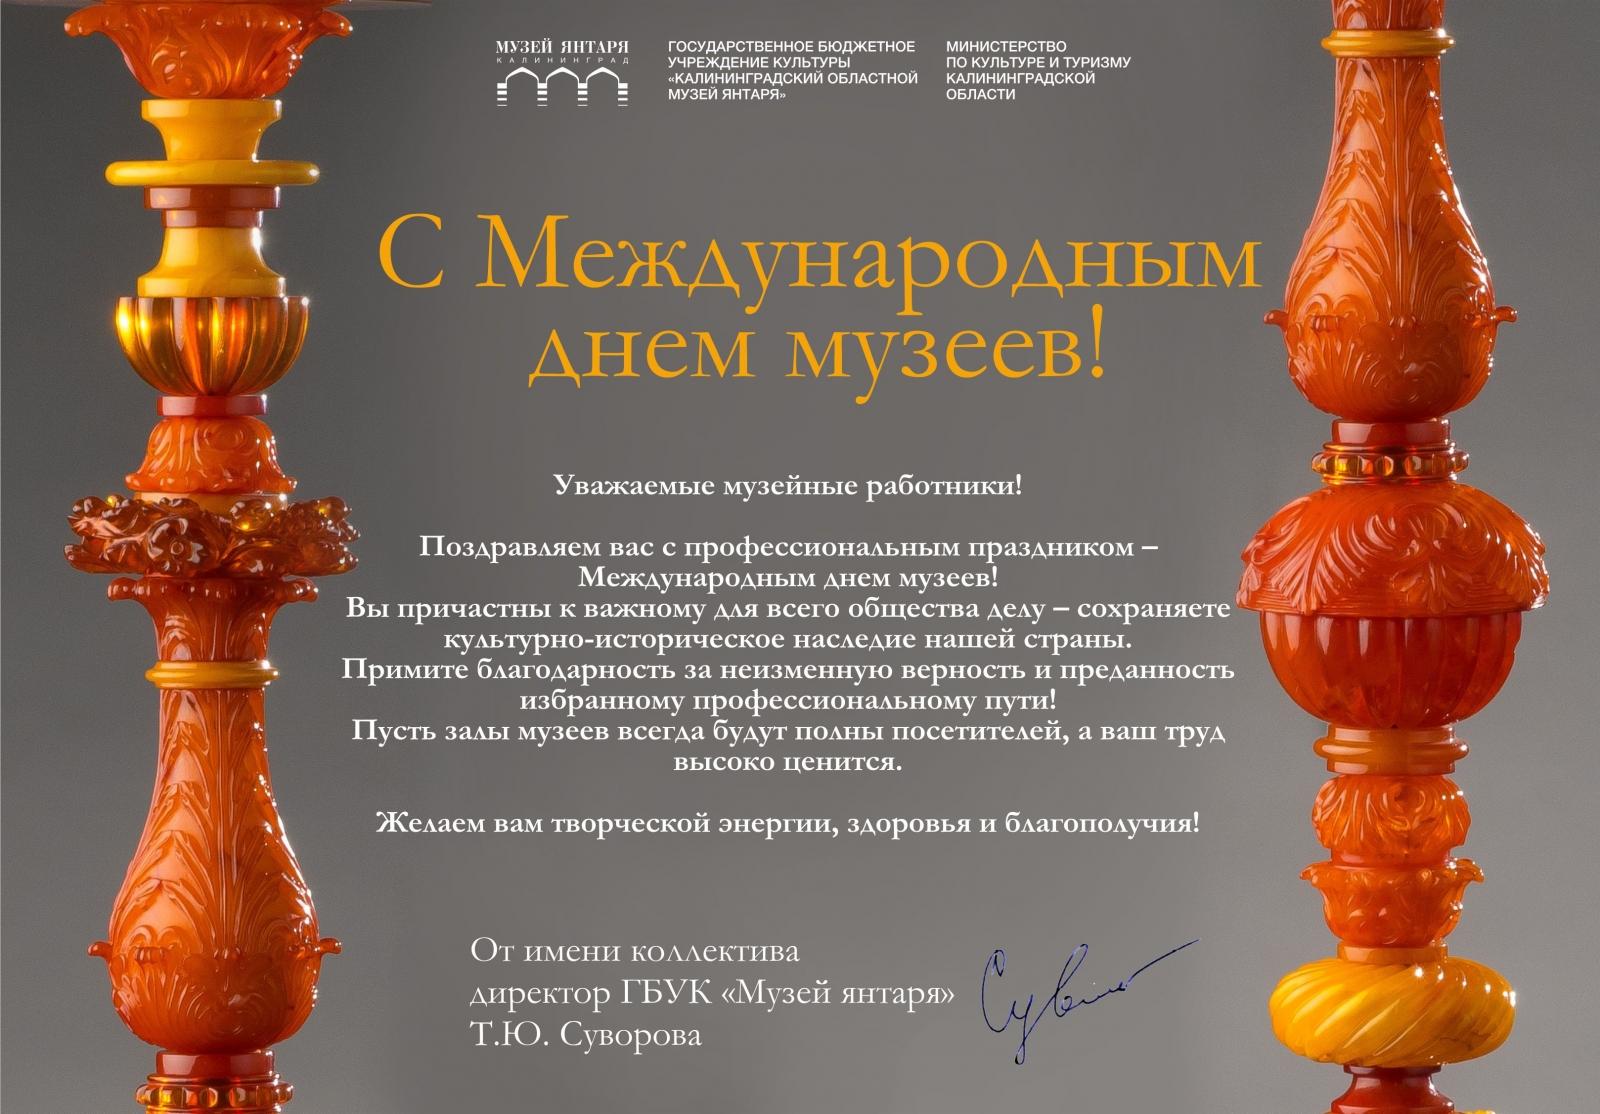 Поздравления музейным работникам